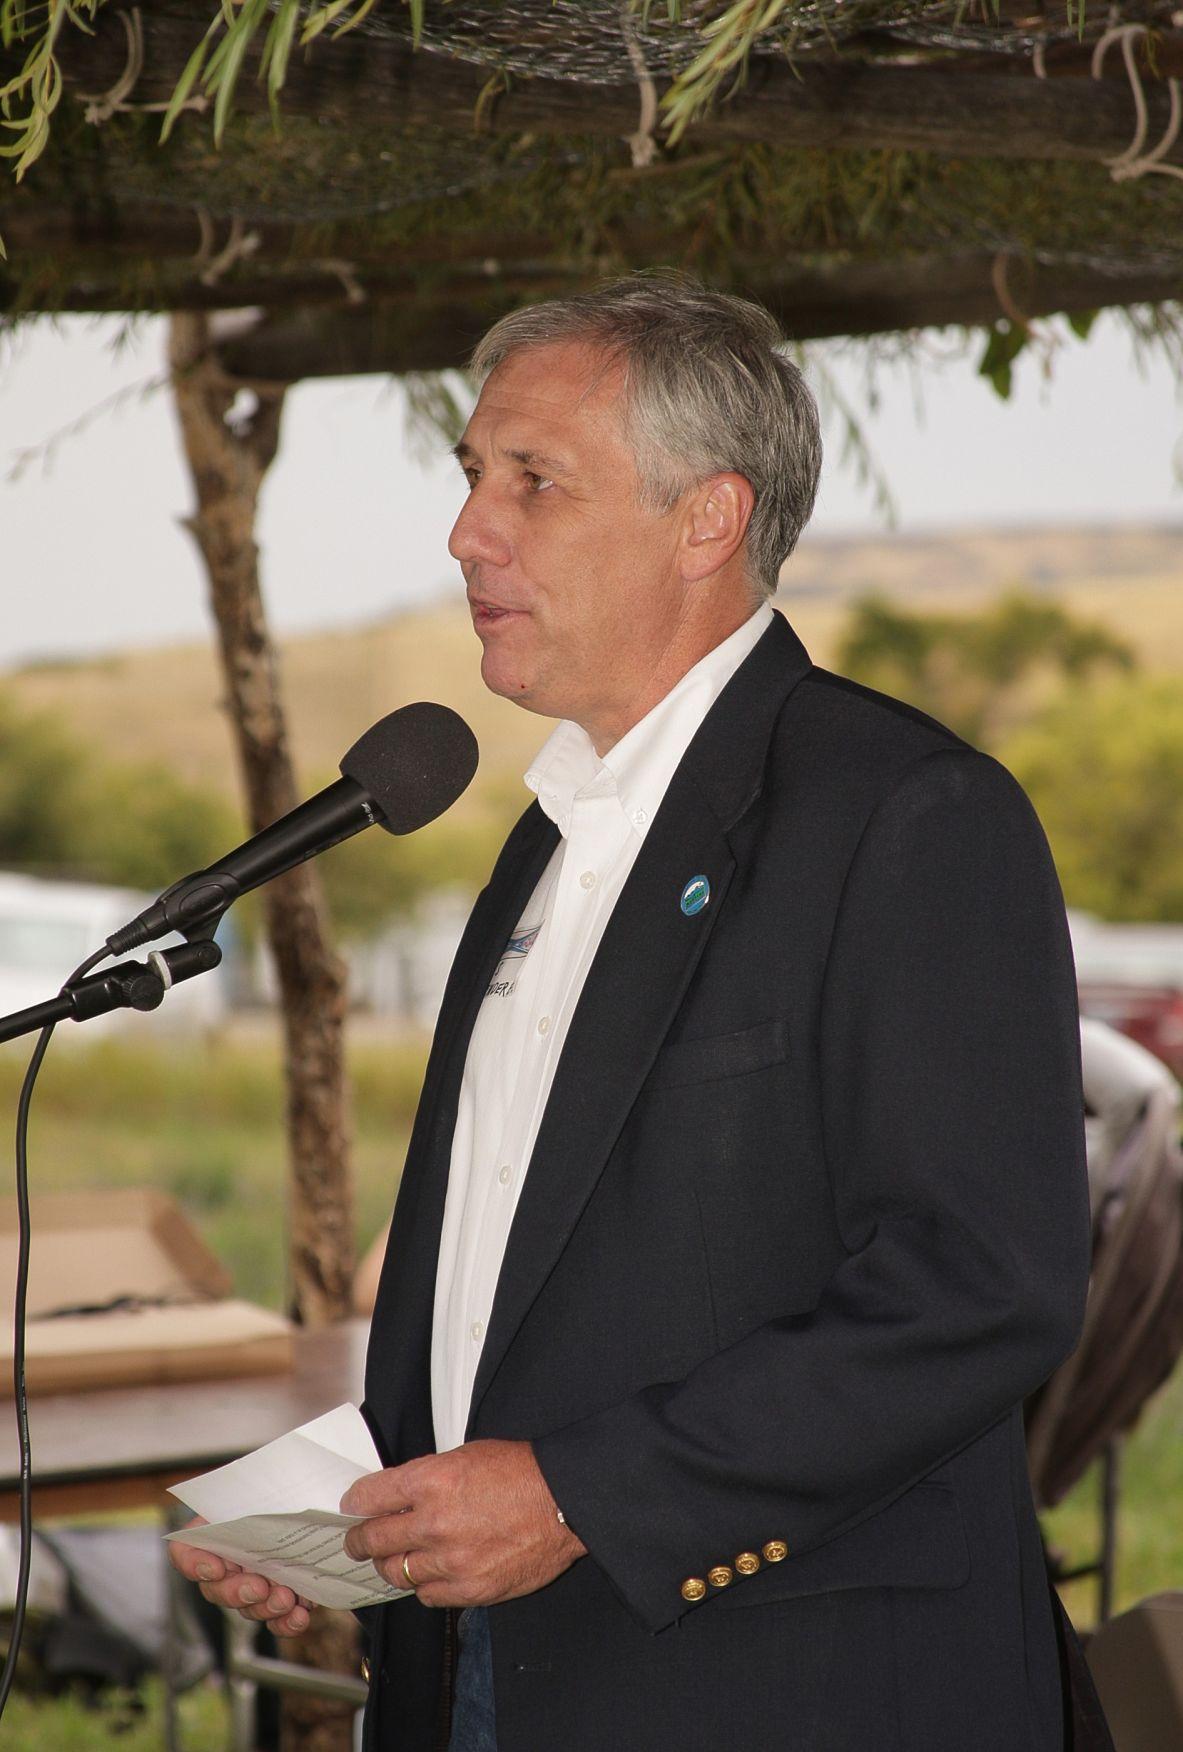 Montana State Parks Director Chas Van Genderen